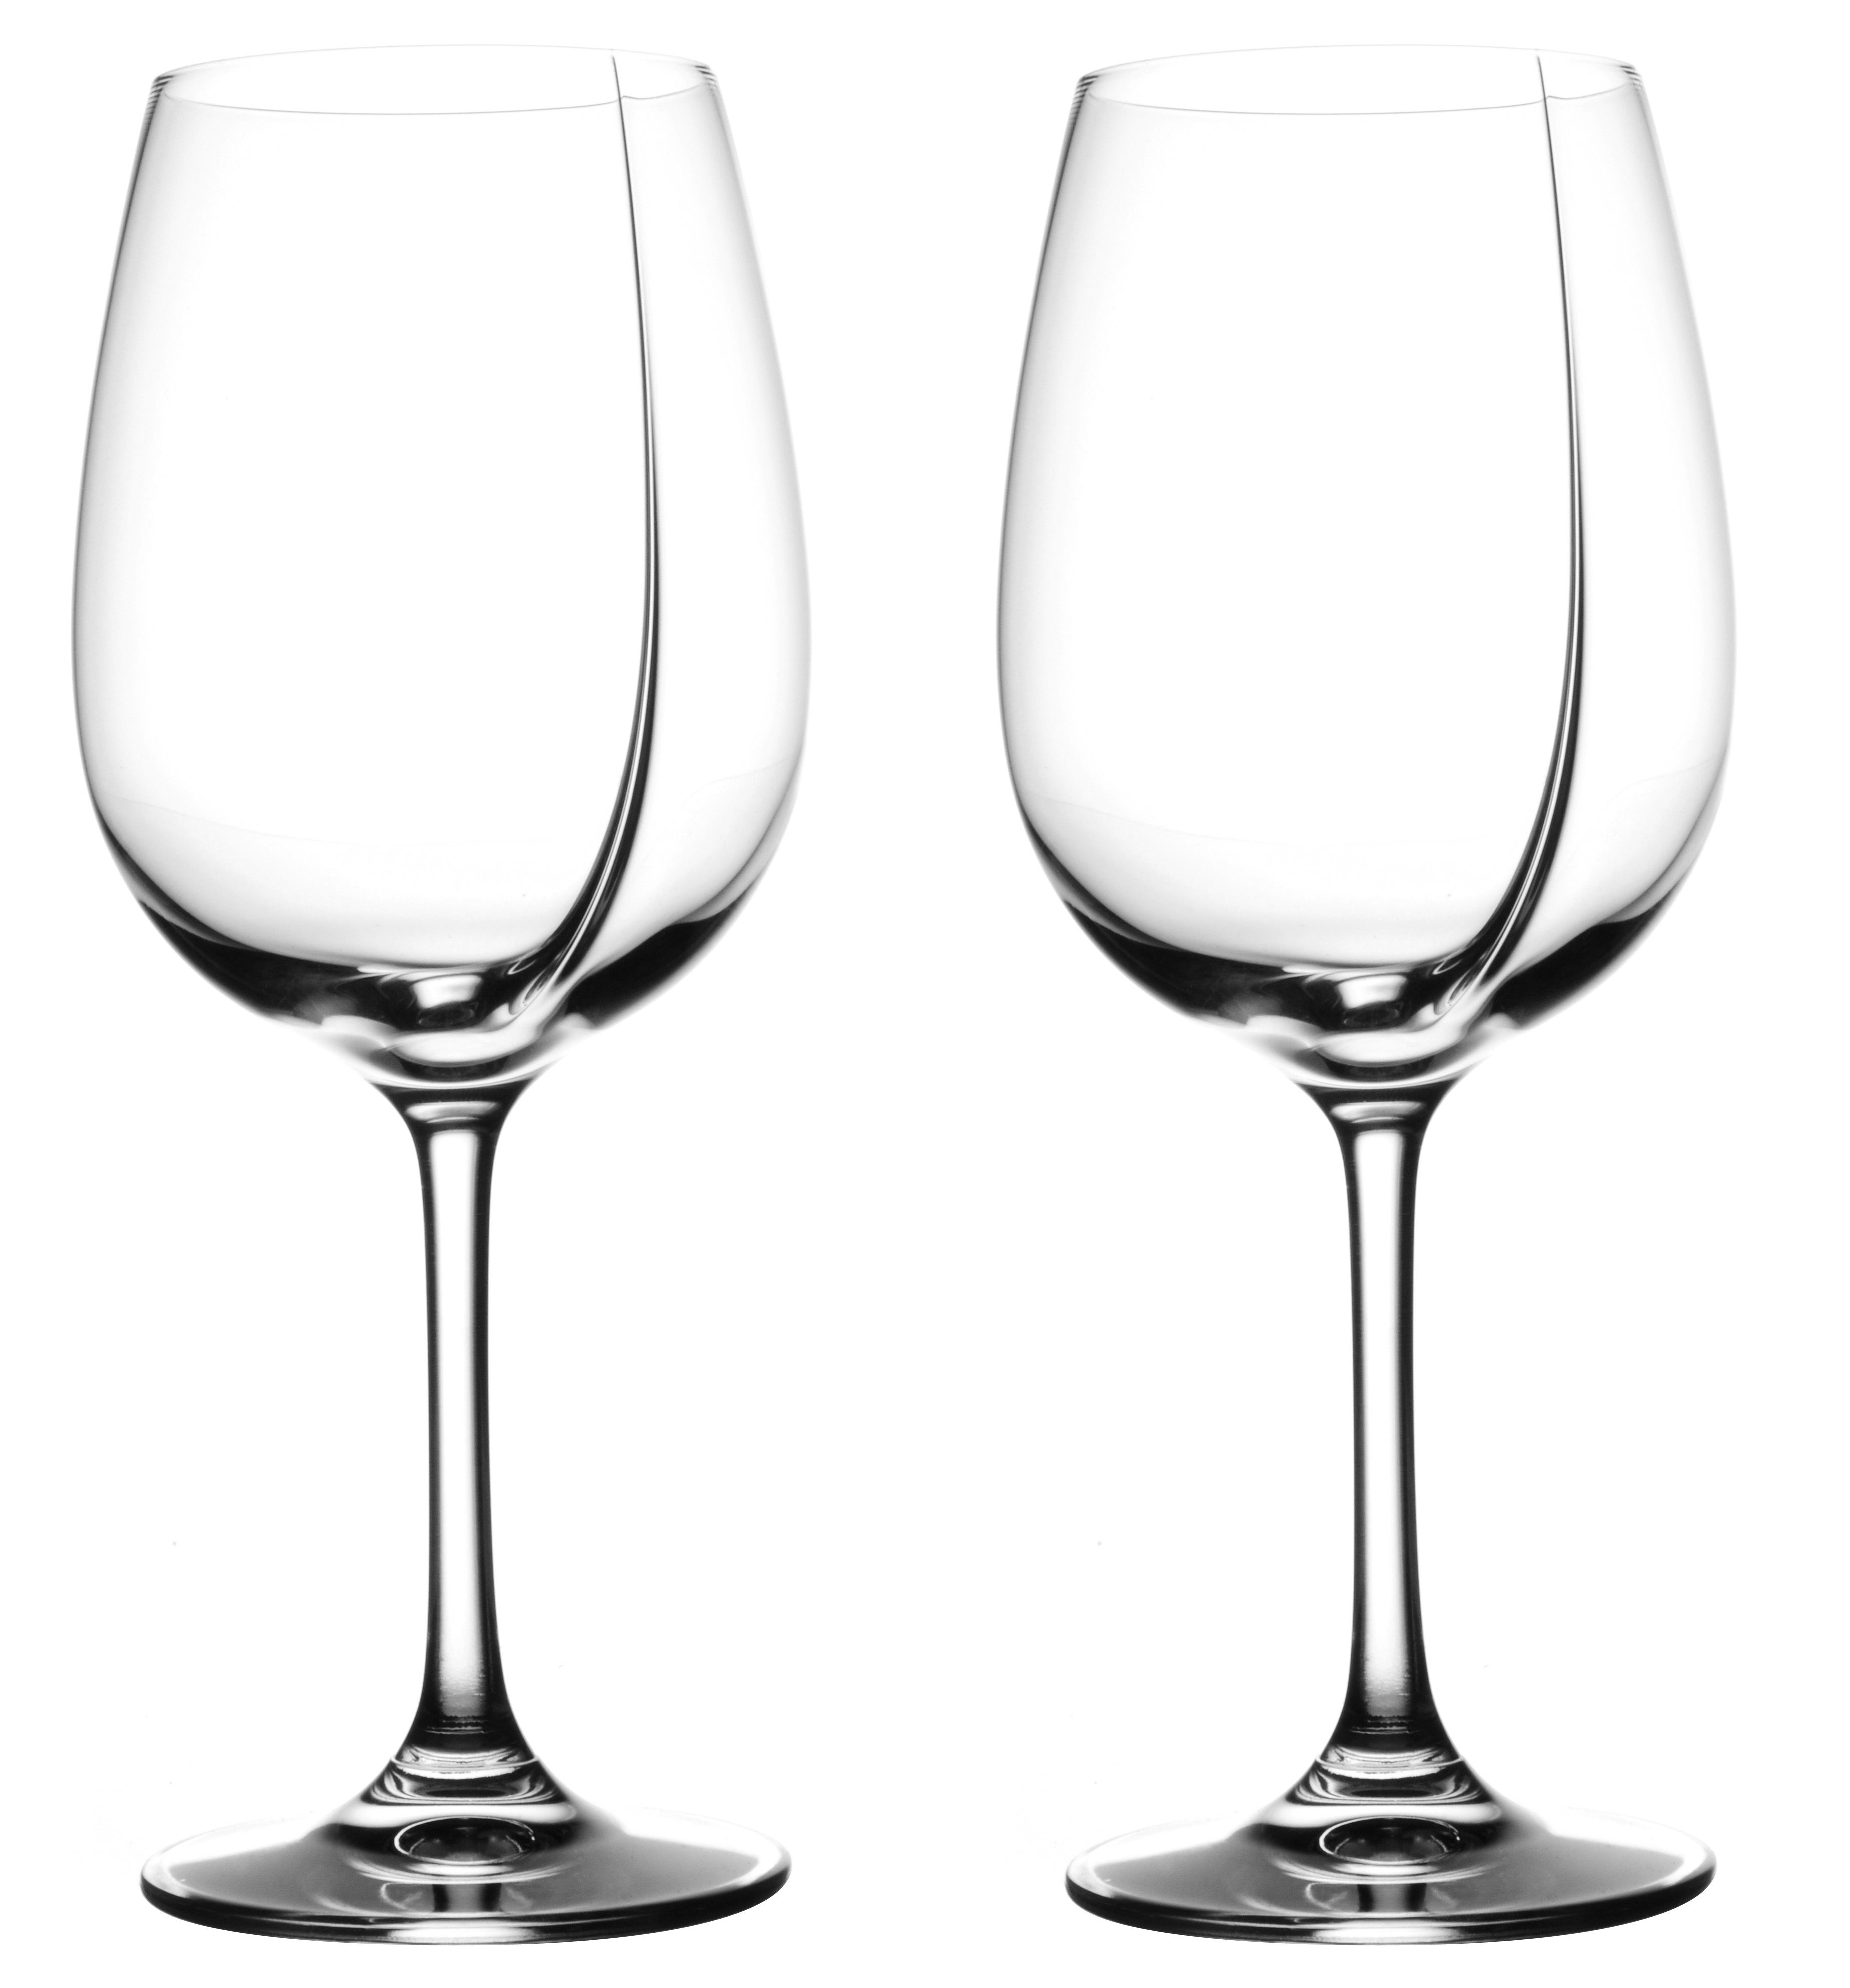 Arts de la table - Verres  - Verre à vin L'Exploreur Classic / Lot de 2 verres à dégustation - L'Atelier du Vin - Transparent - Verre soufflé